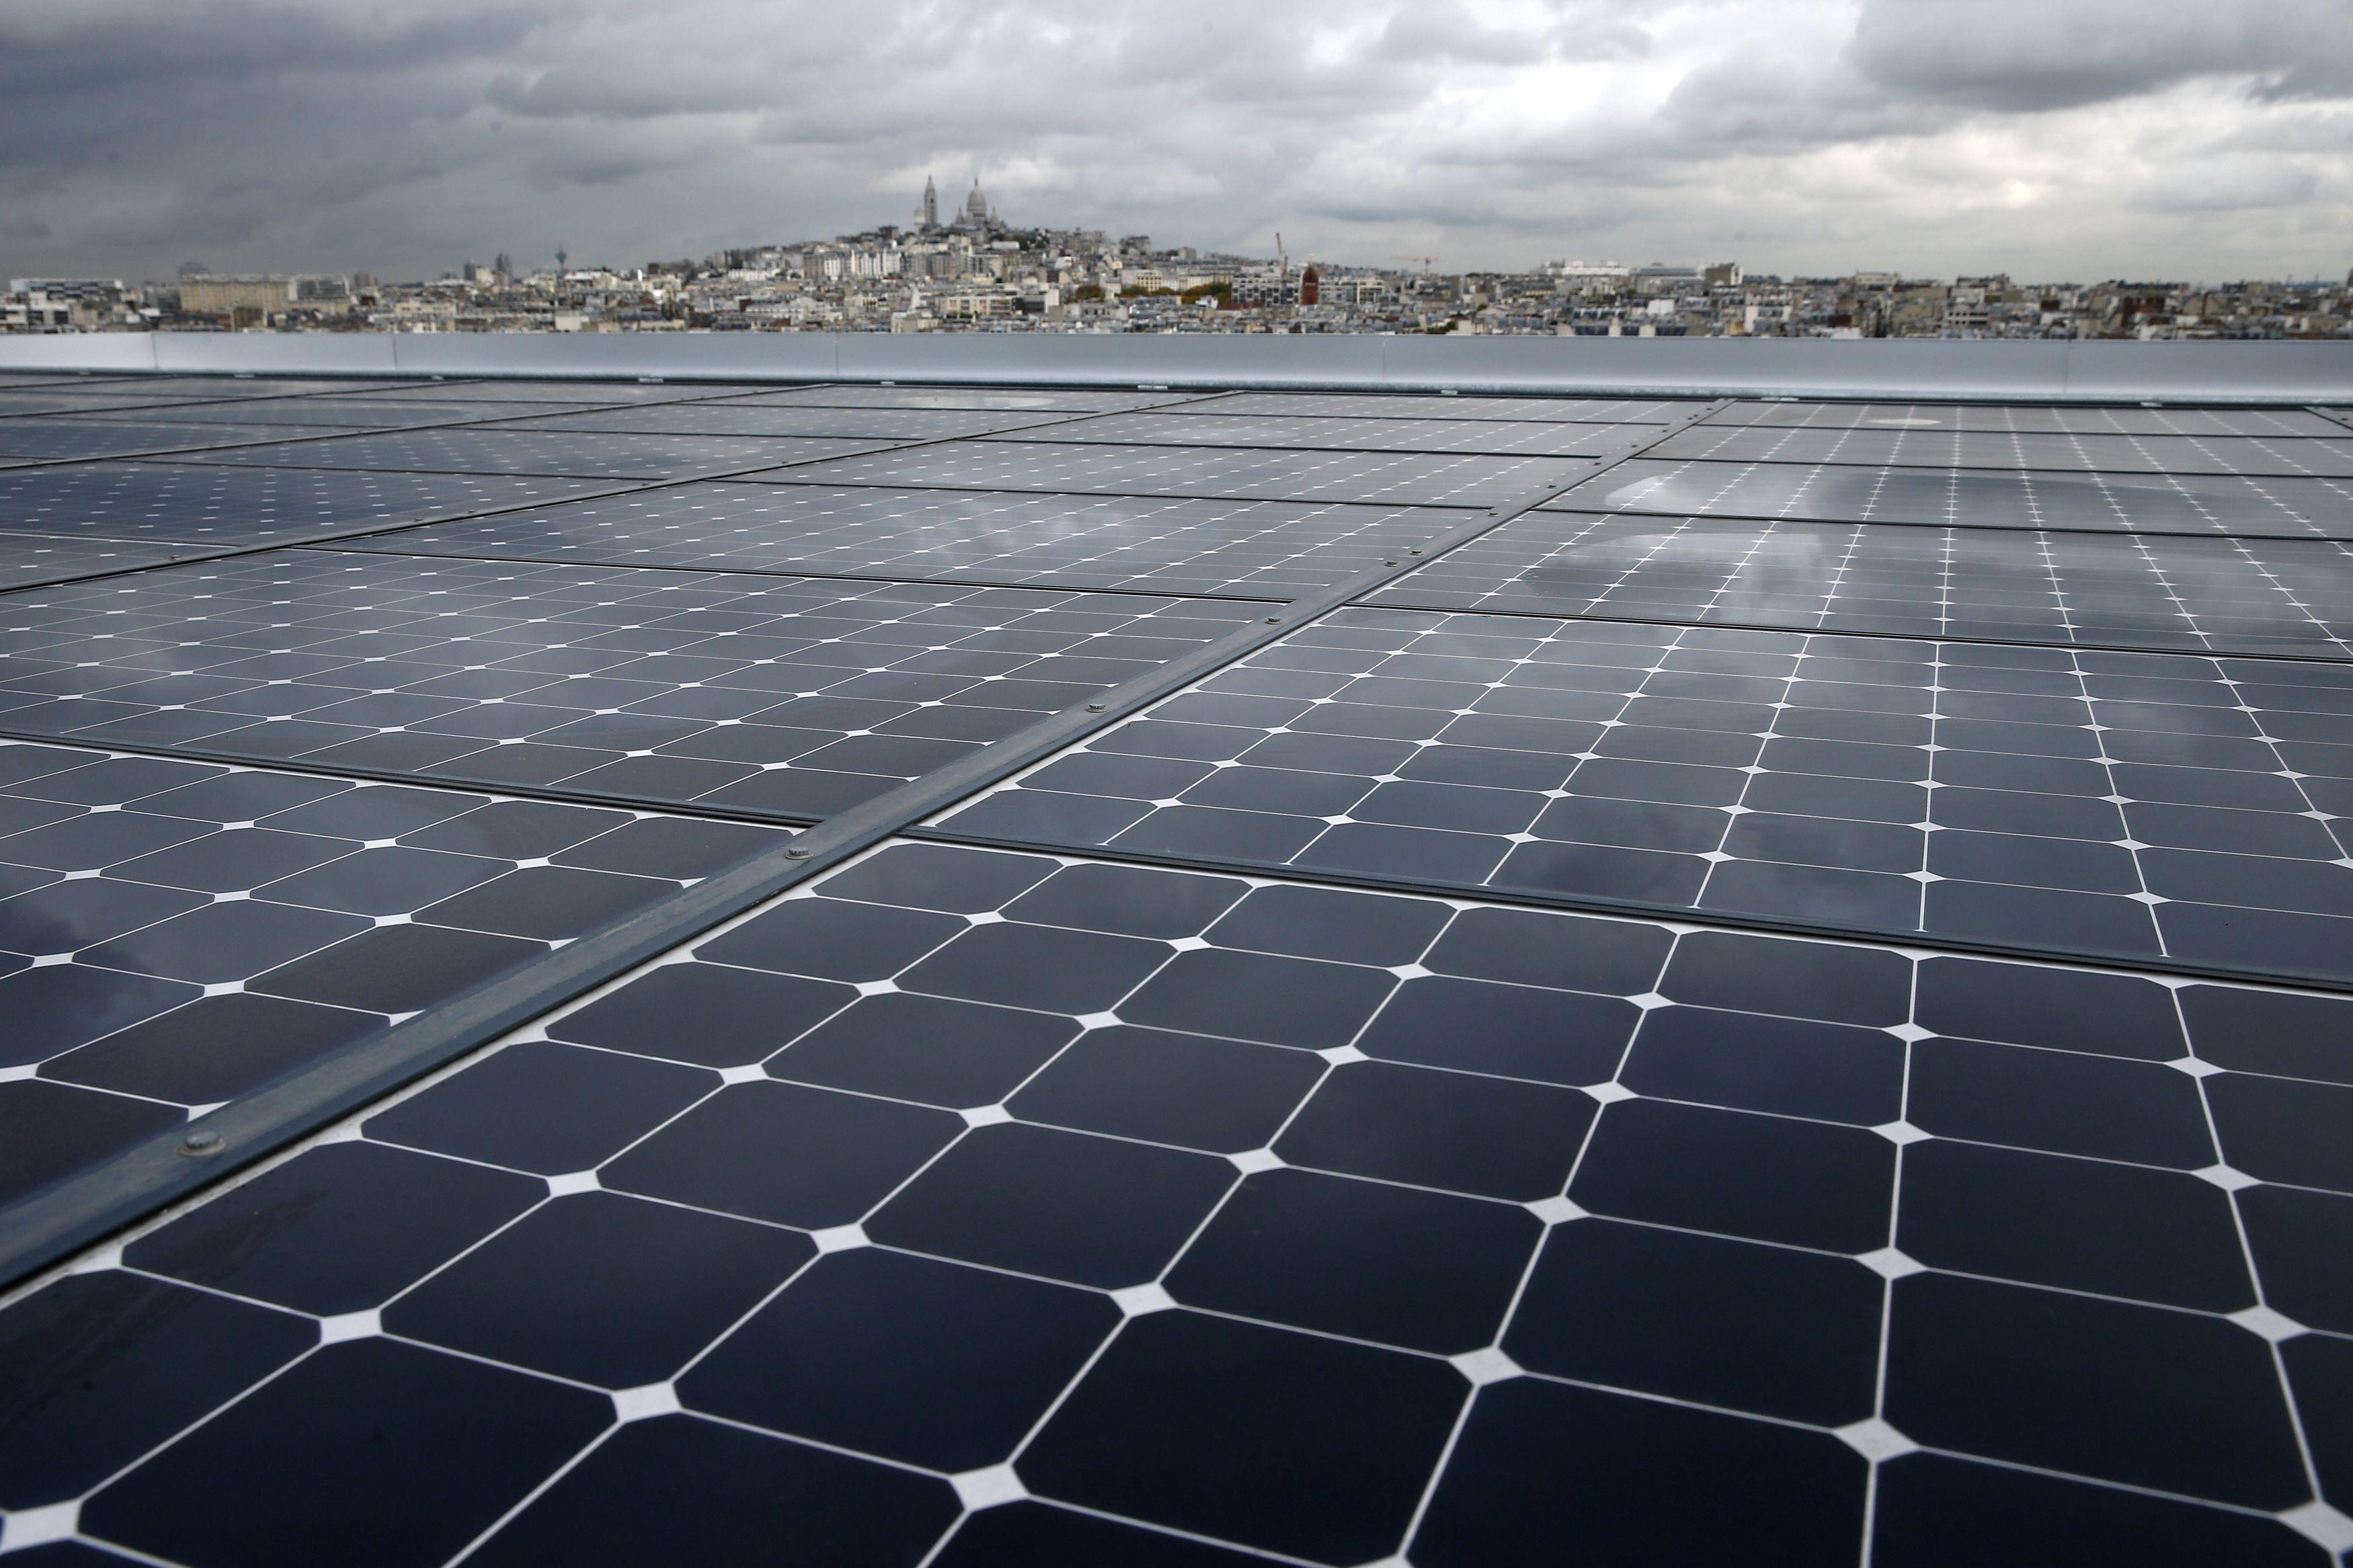 """Pemandangan menunjukkan panel surya dipasang di """"kawasan ramah lingkungan"""" Clichy-Batignolles, salah satu dari beberapa pengembangan perumahan ramah lingkungan baru dengan sedikit penggunaan energi dan emisi karbon, di Paris, Prancis, Kamis (22/10). Kota Paris menampilkan """"kawasan ramah lingkungan"""" termutakhir menjelang COP21, Konferensi Tingkat Tinggi Iklim Dunia mulai dari tanggal 30 November sampai 11 Desember. ANTARA FOTO/REUTERS/Benoit Tessier."""